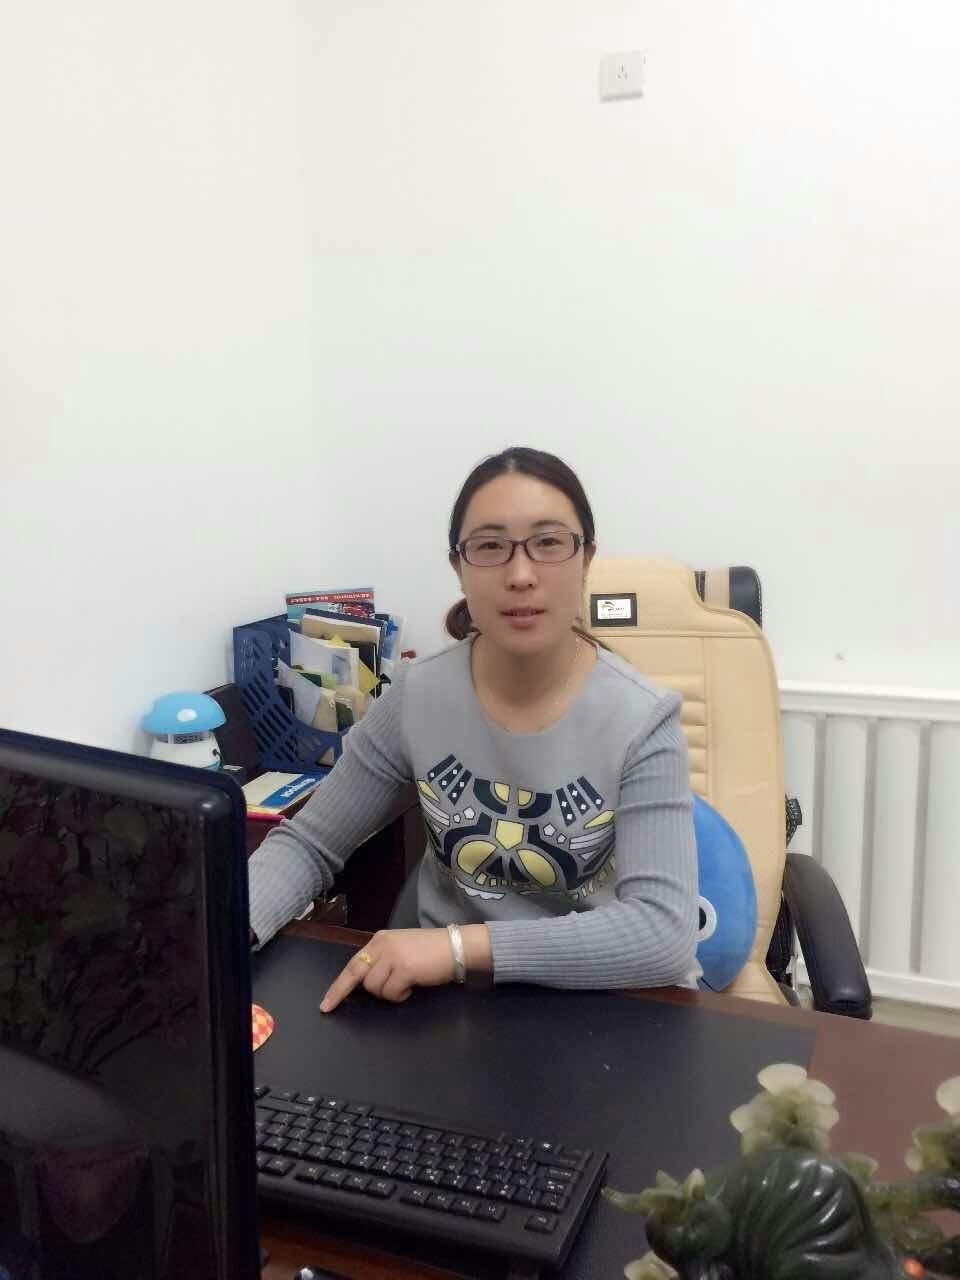 银川到武汉物流专线(银川市兴庆区宇浩鑫货运有限公司)